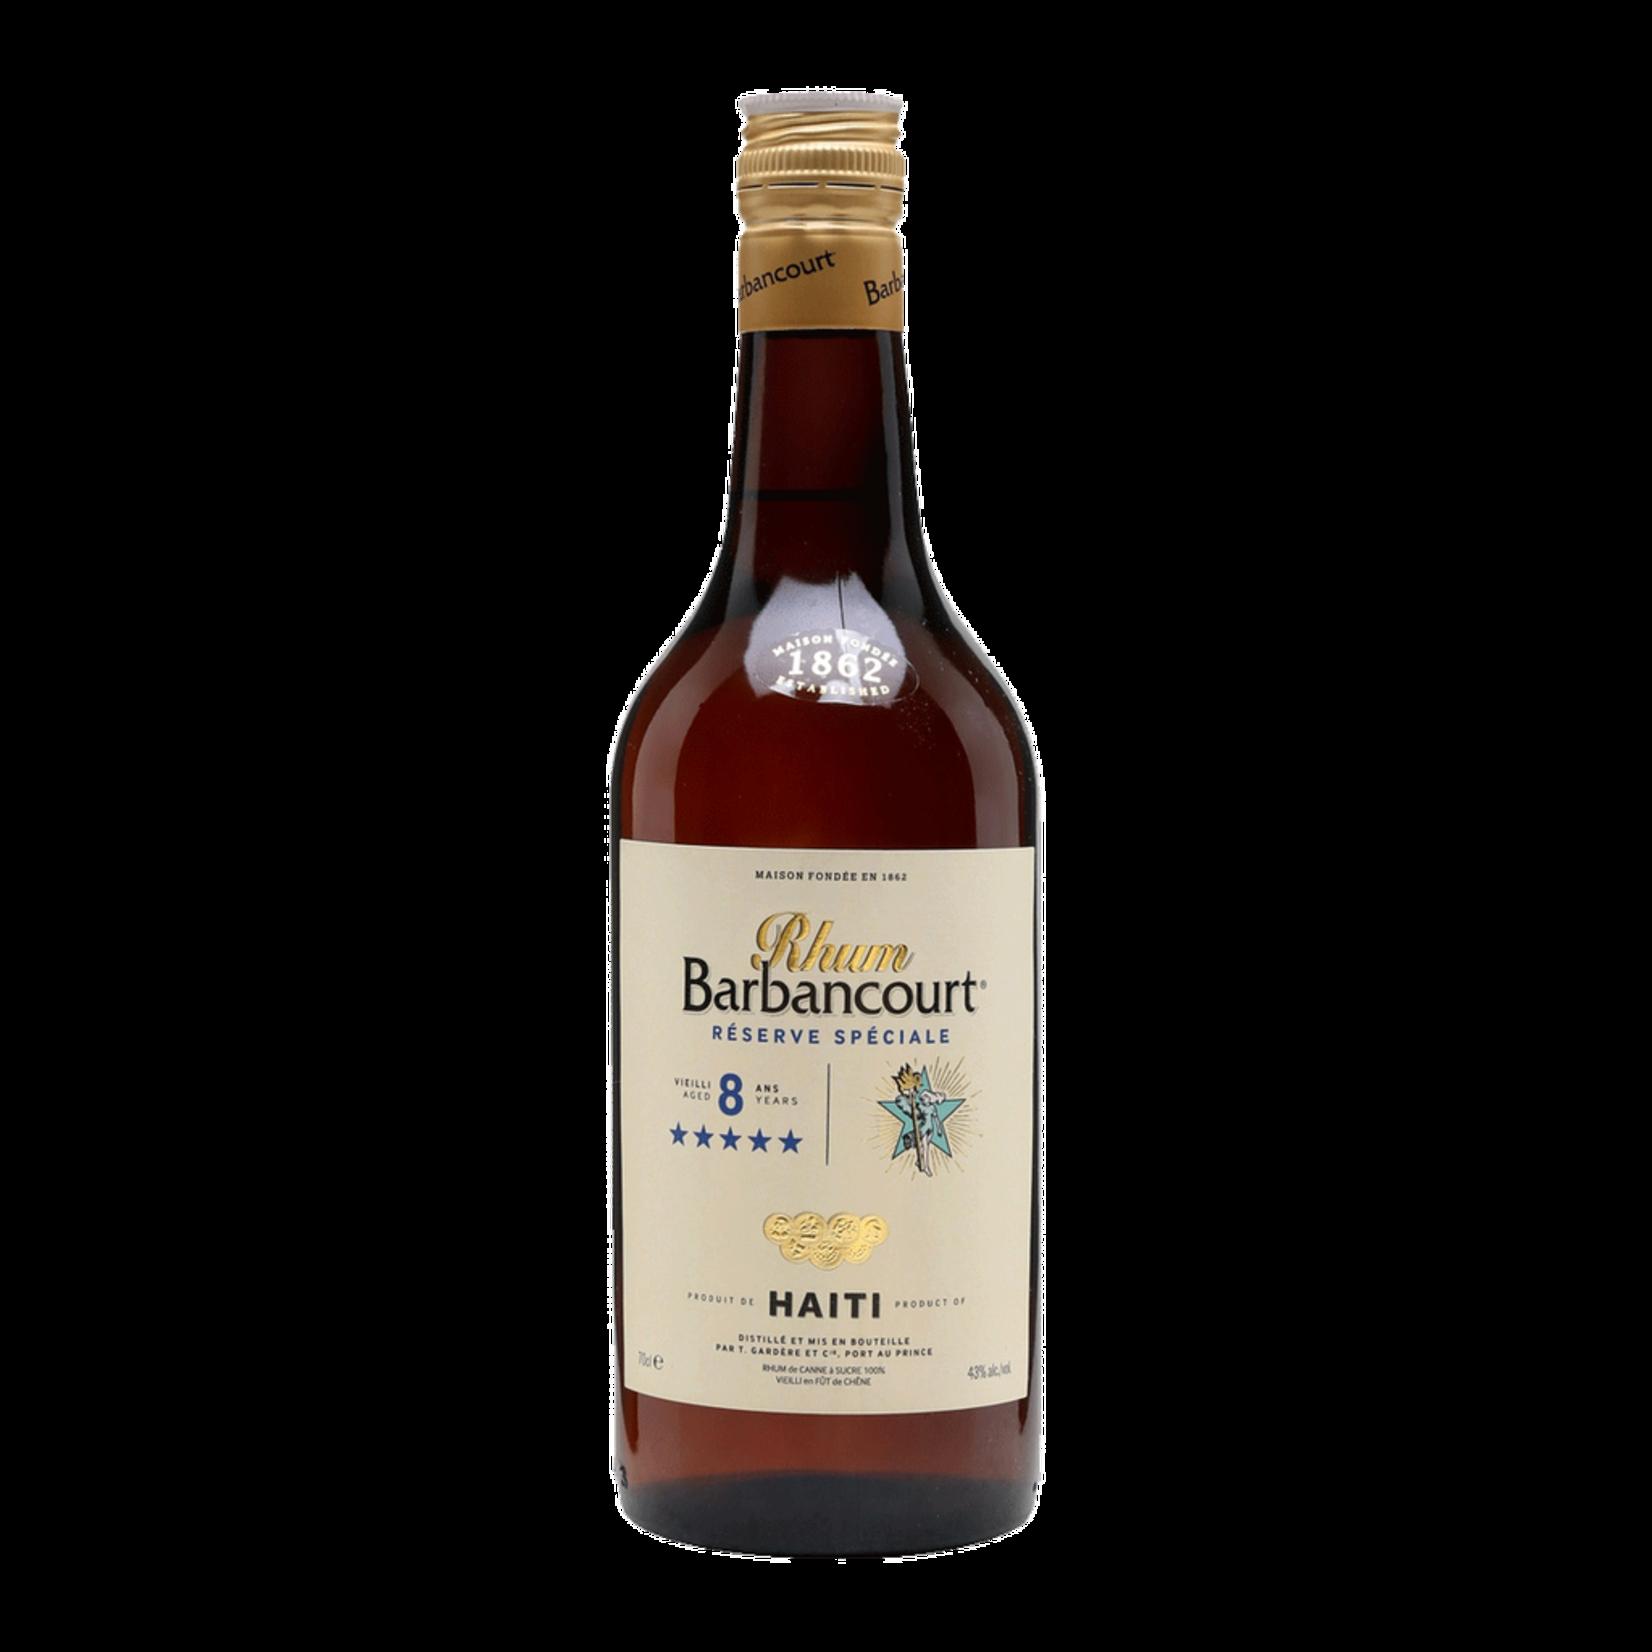 Spirits Barbancourt Rum Reserve Speciale 8 Year 5 Star Haiti